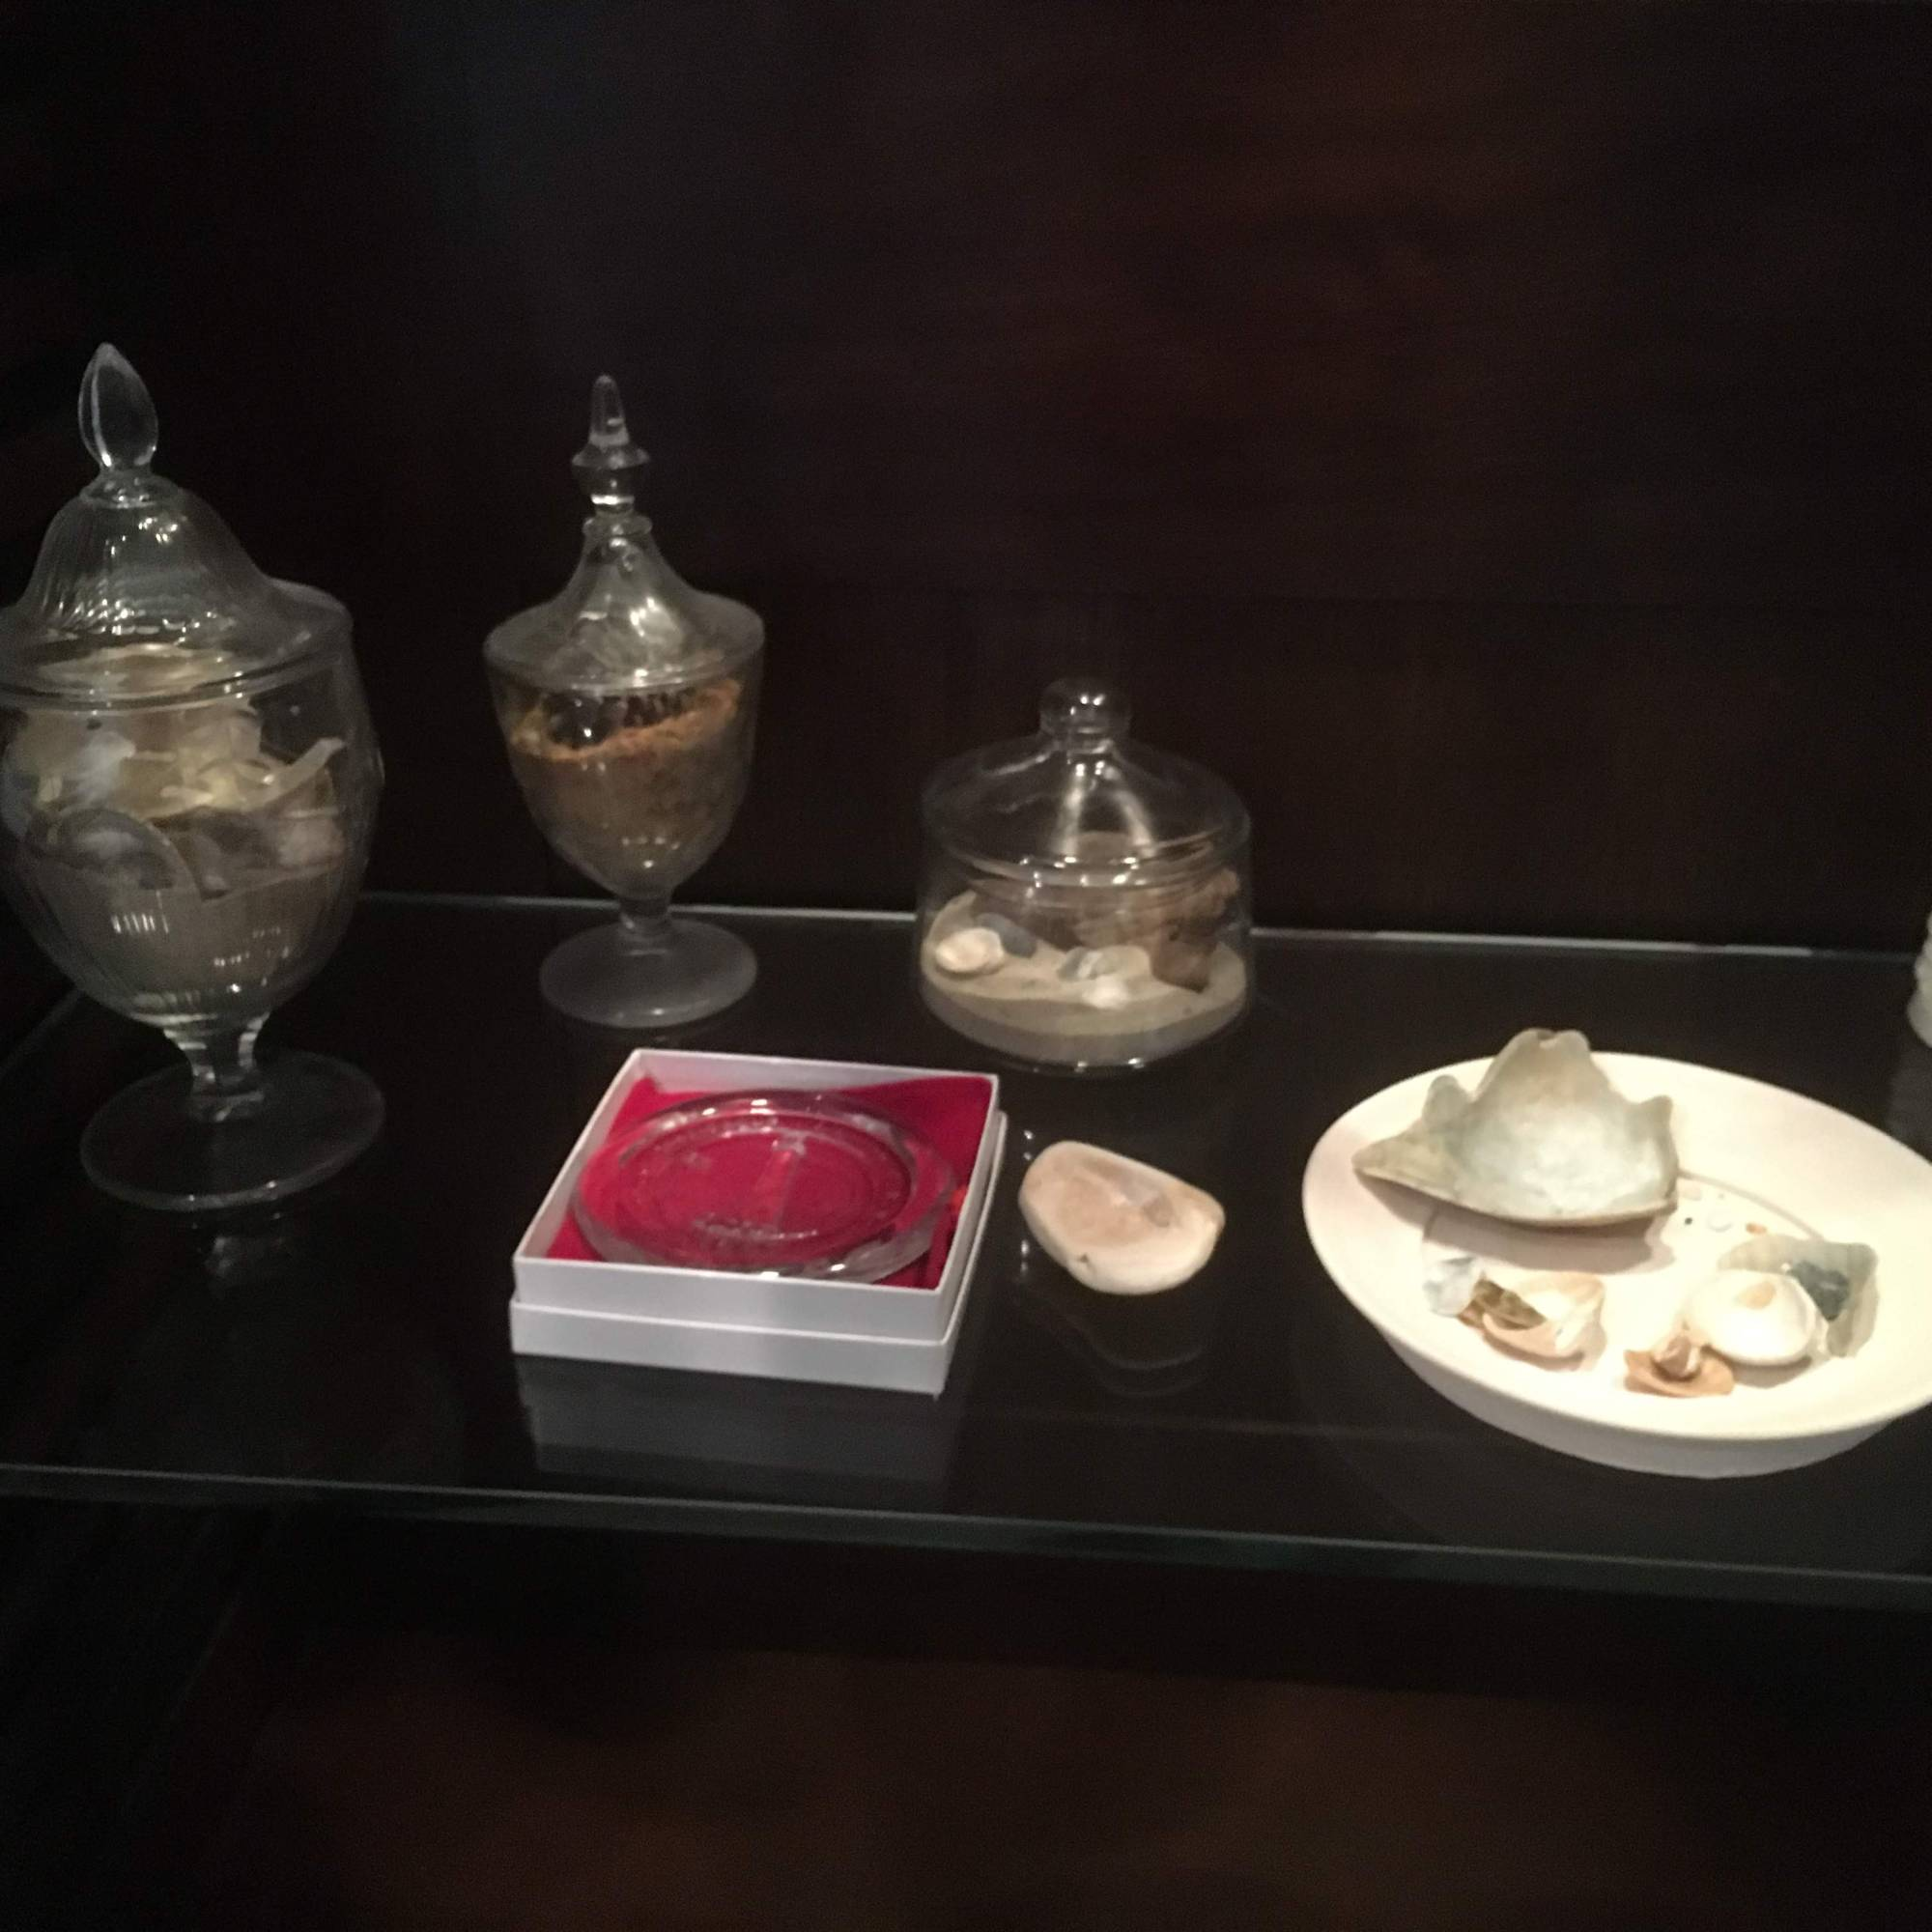 curio treasures